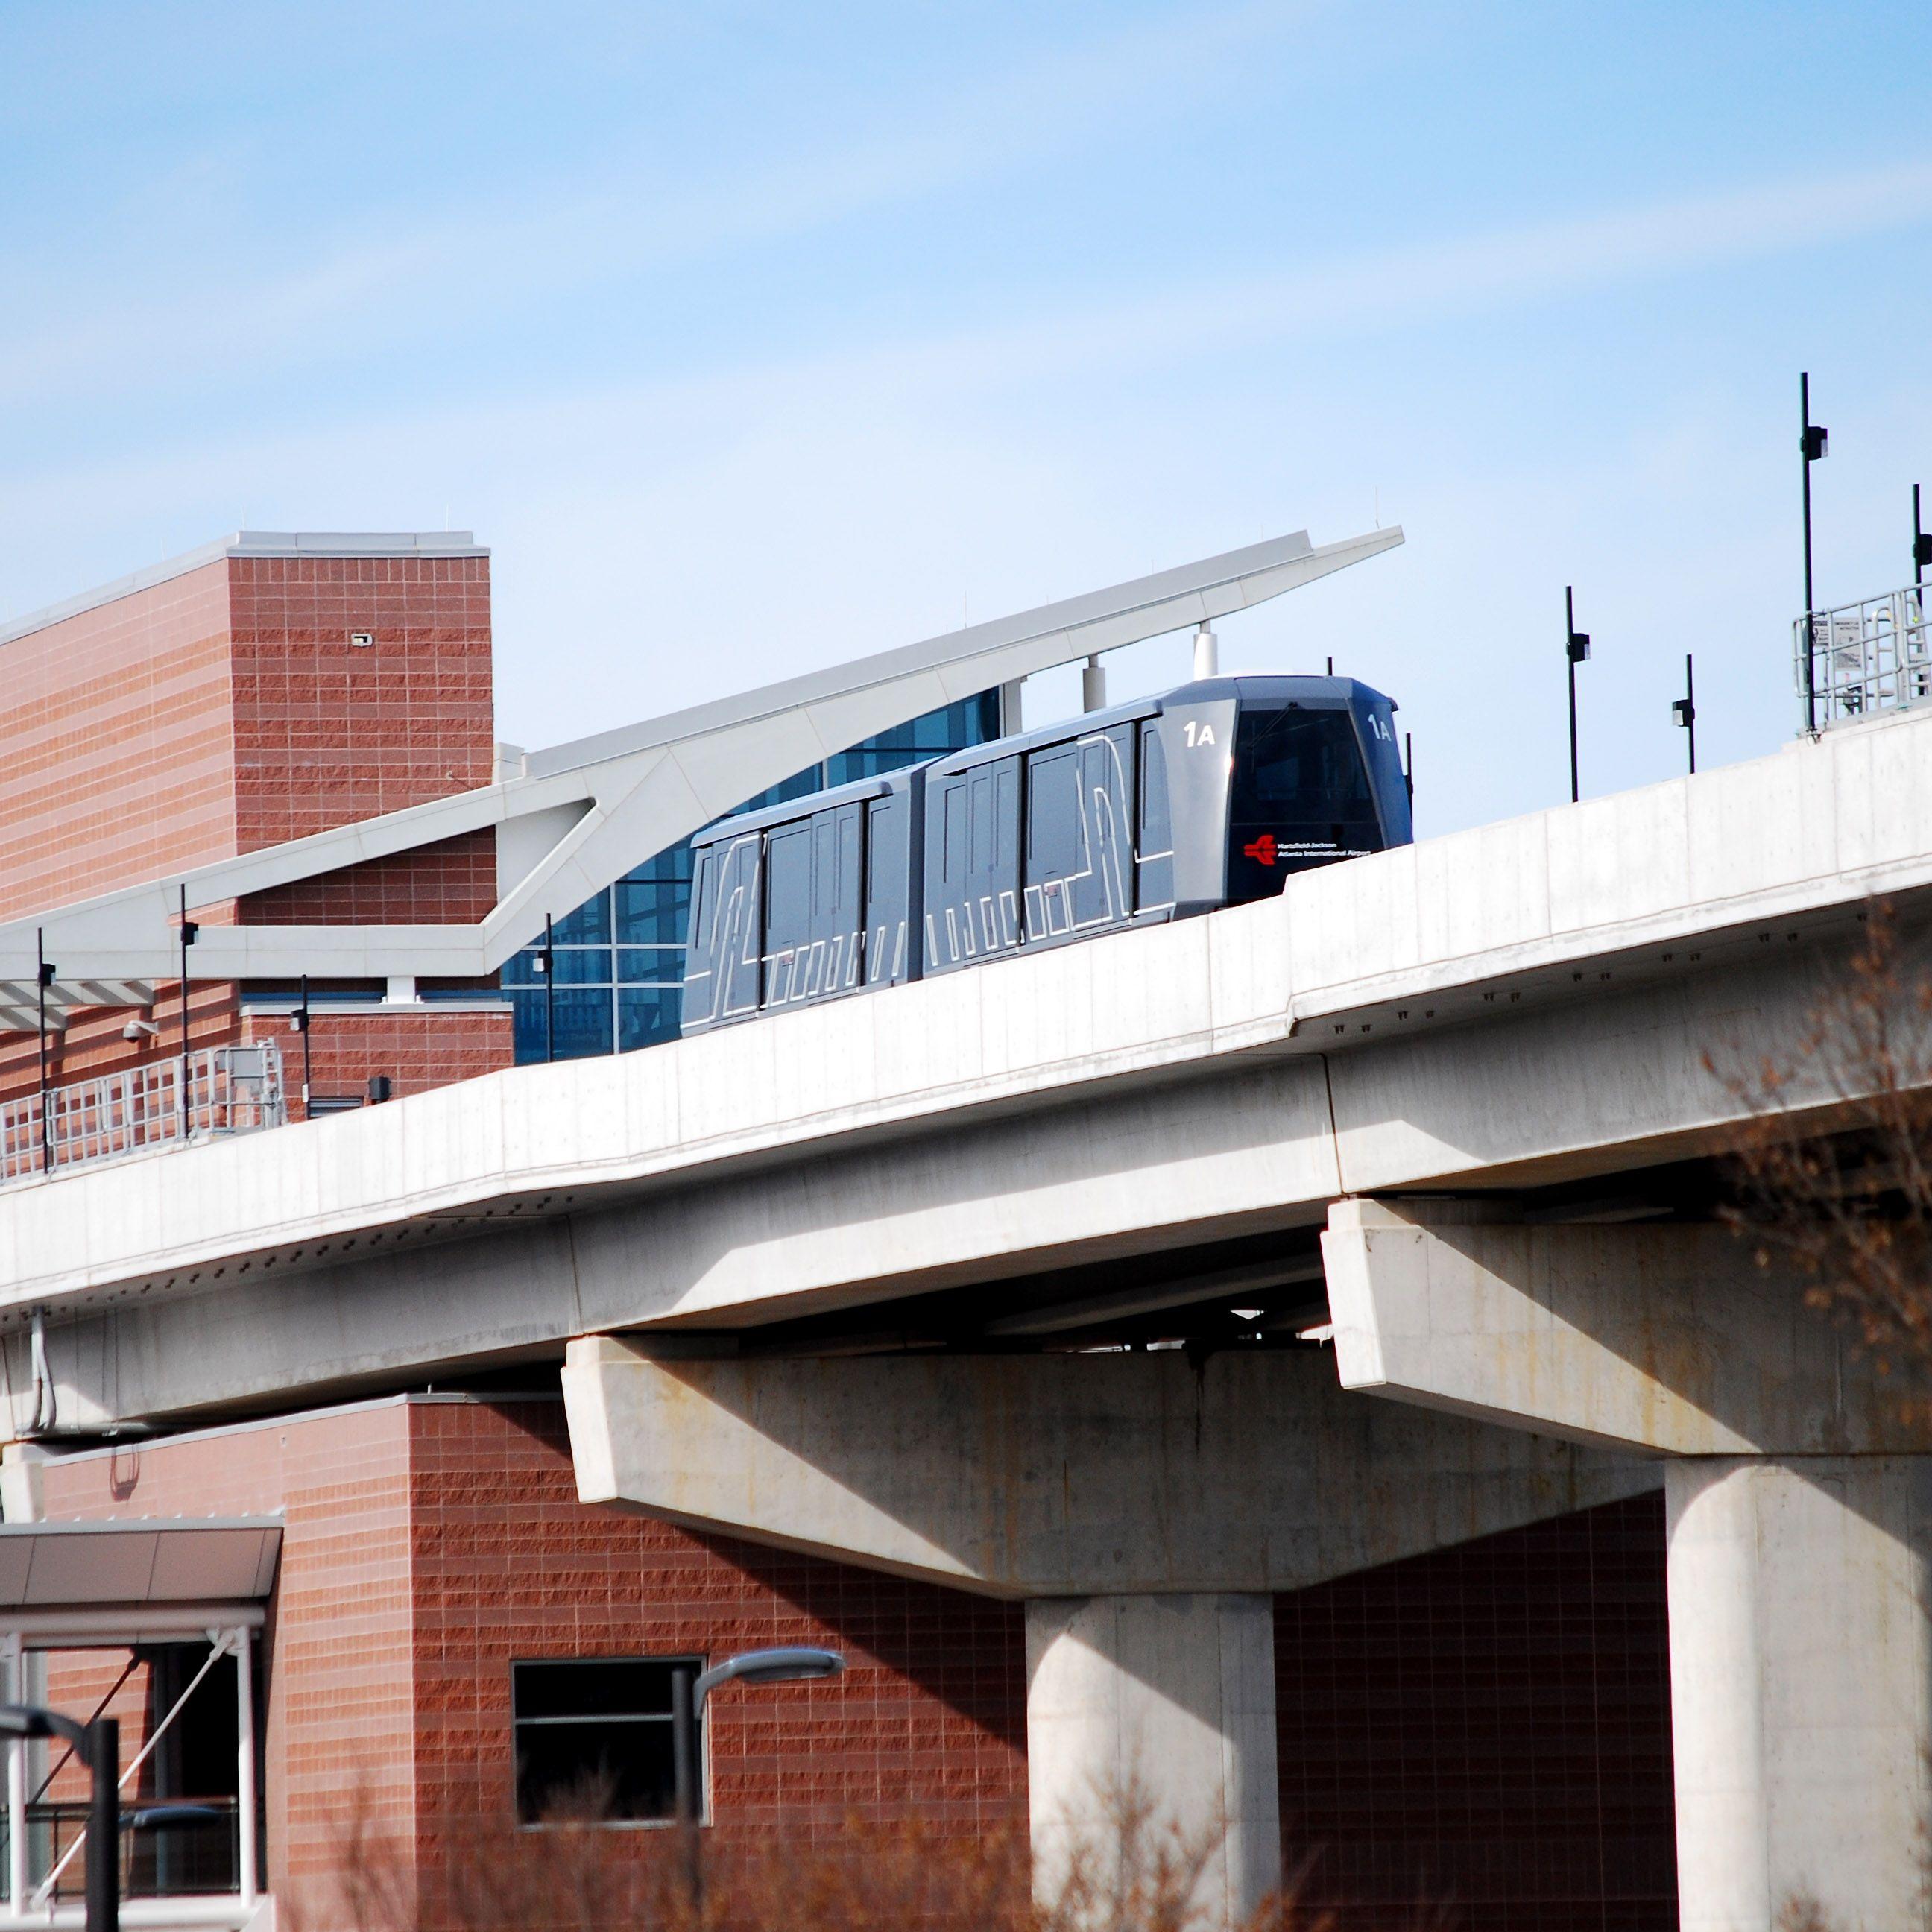 Transportation at Hartsfield-Jackson Airport